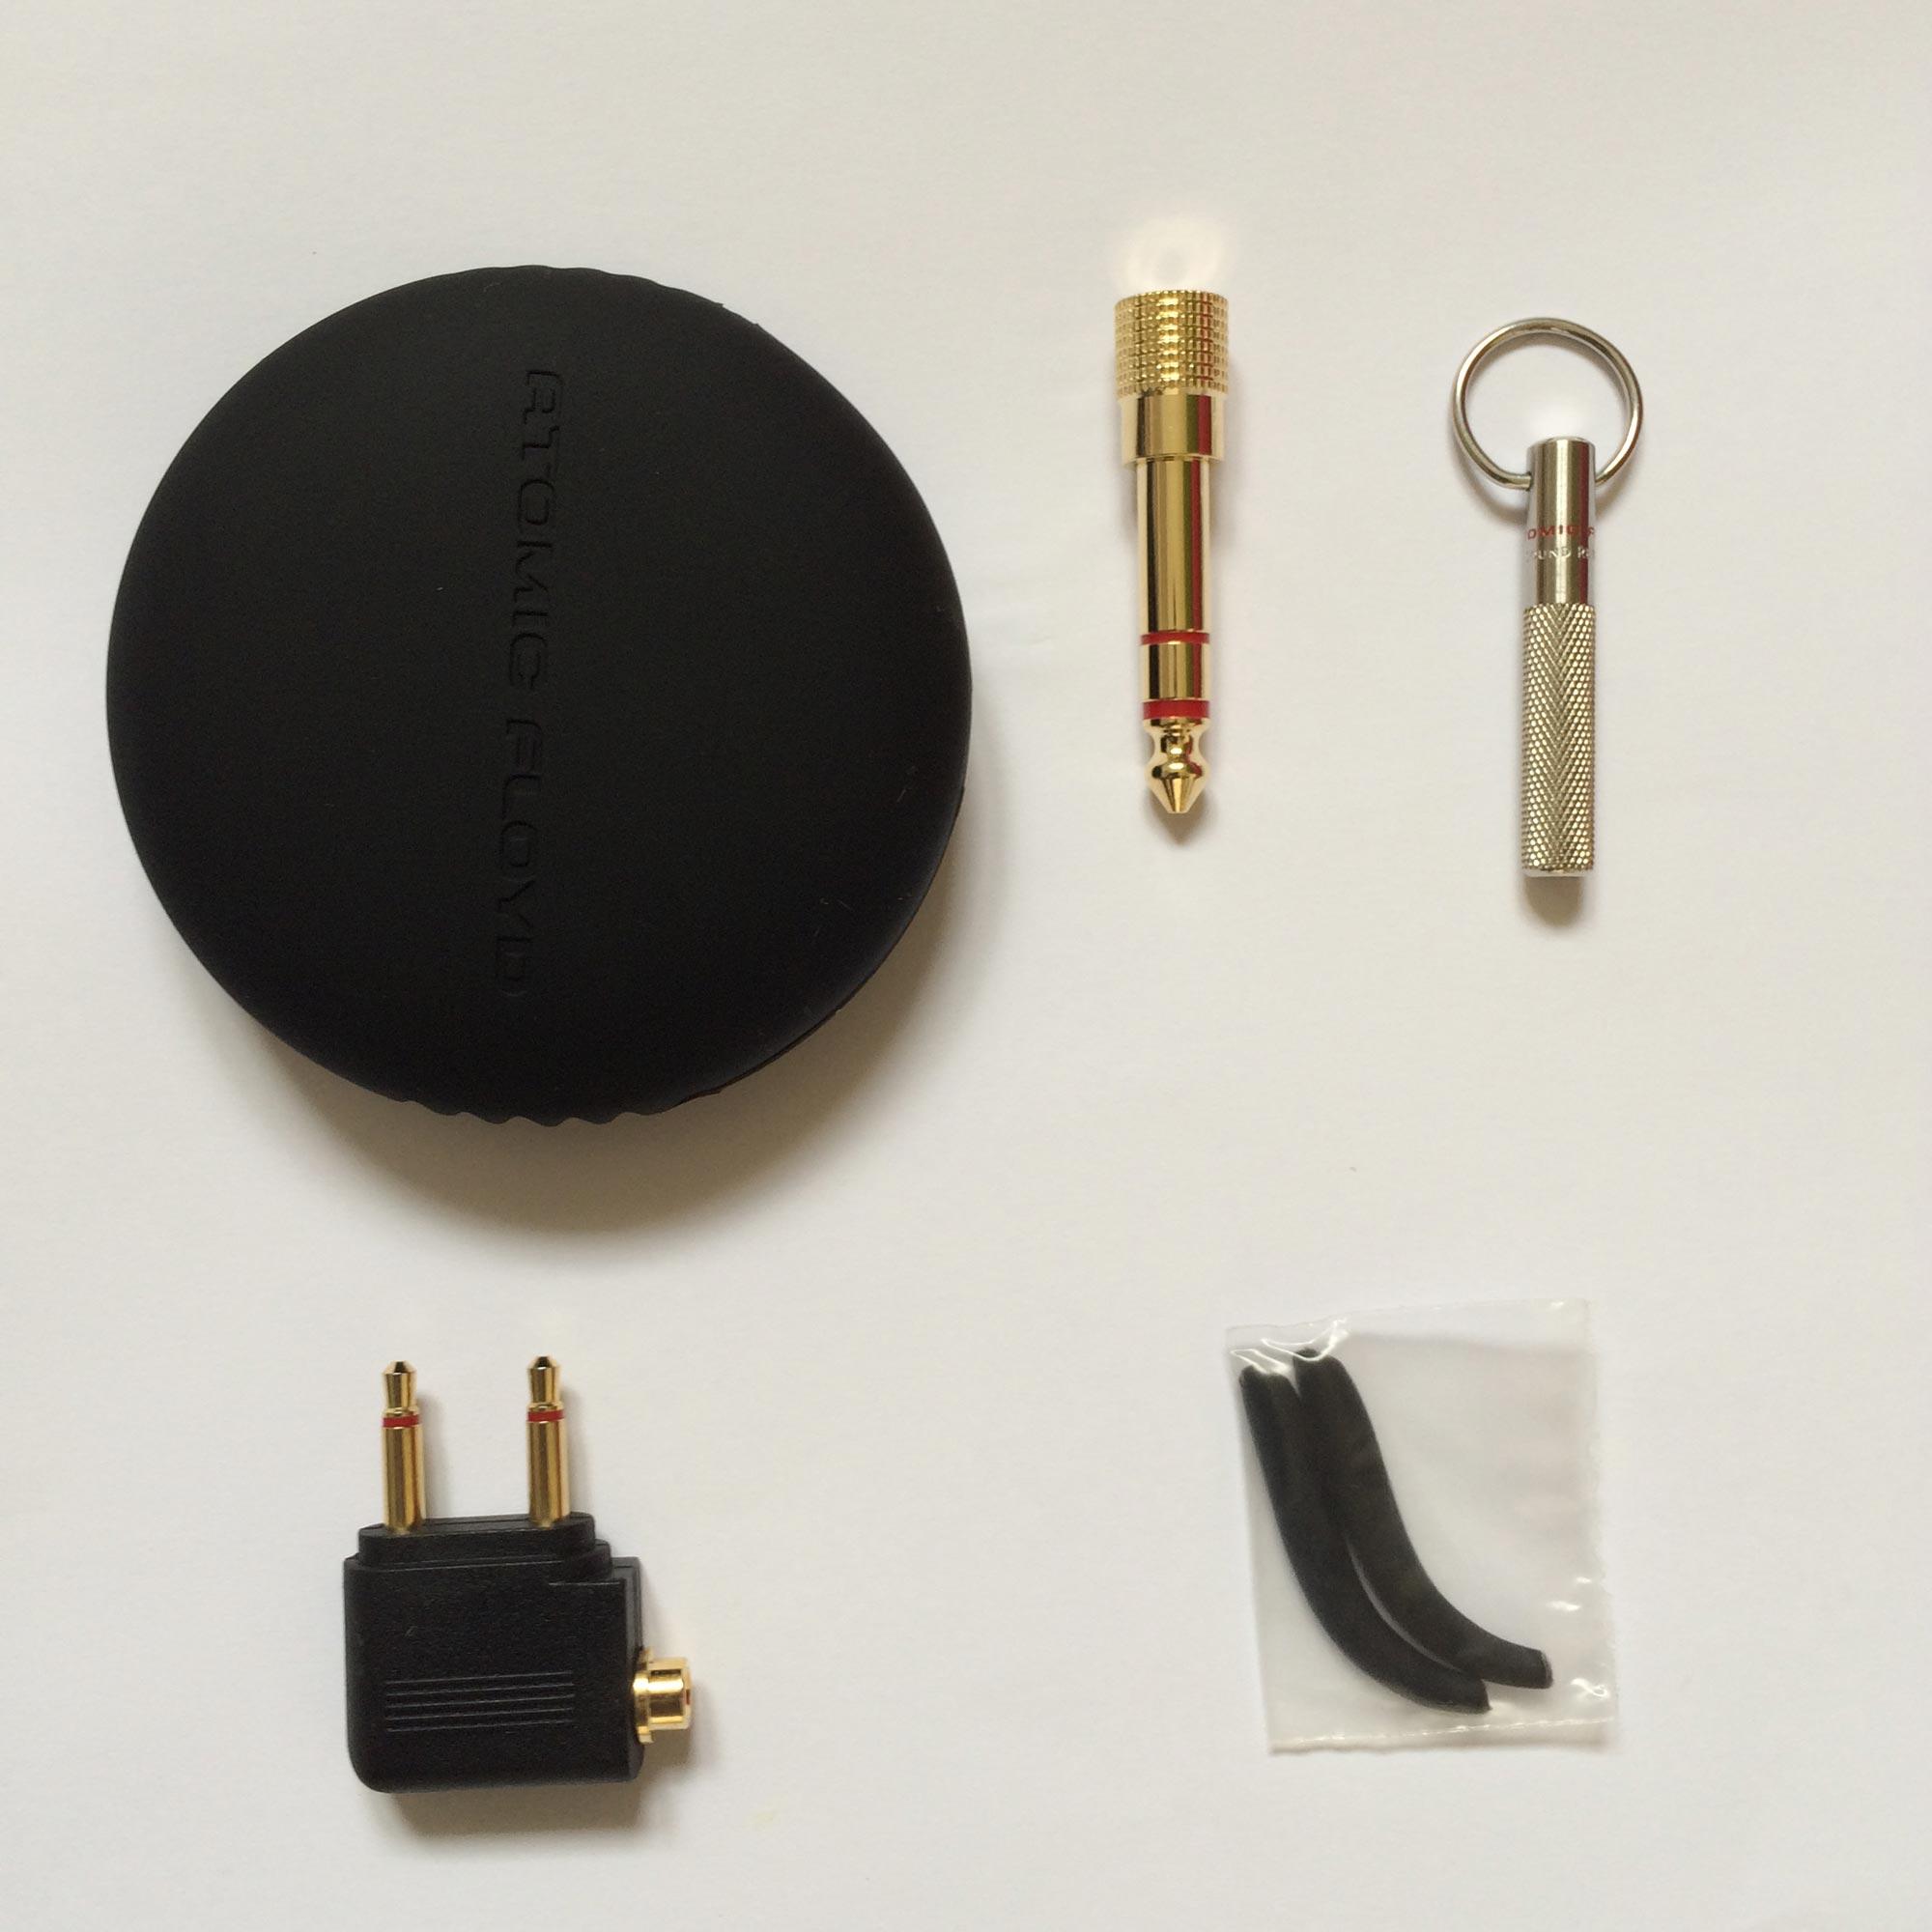 Accessoires des écouteurs de sport Atomic Floyd AirJax. Ph. Moctar KANE.